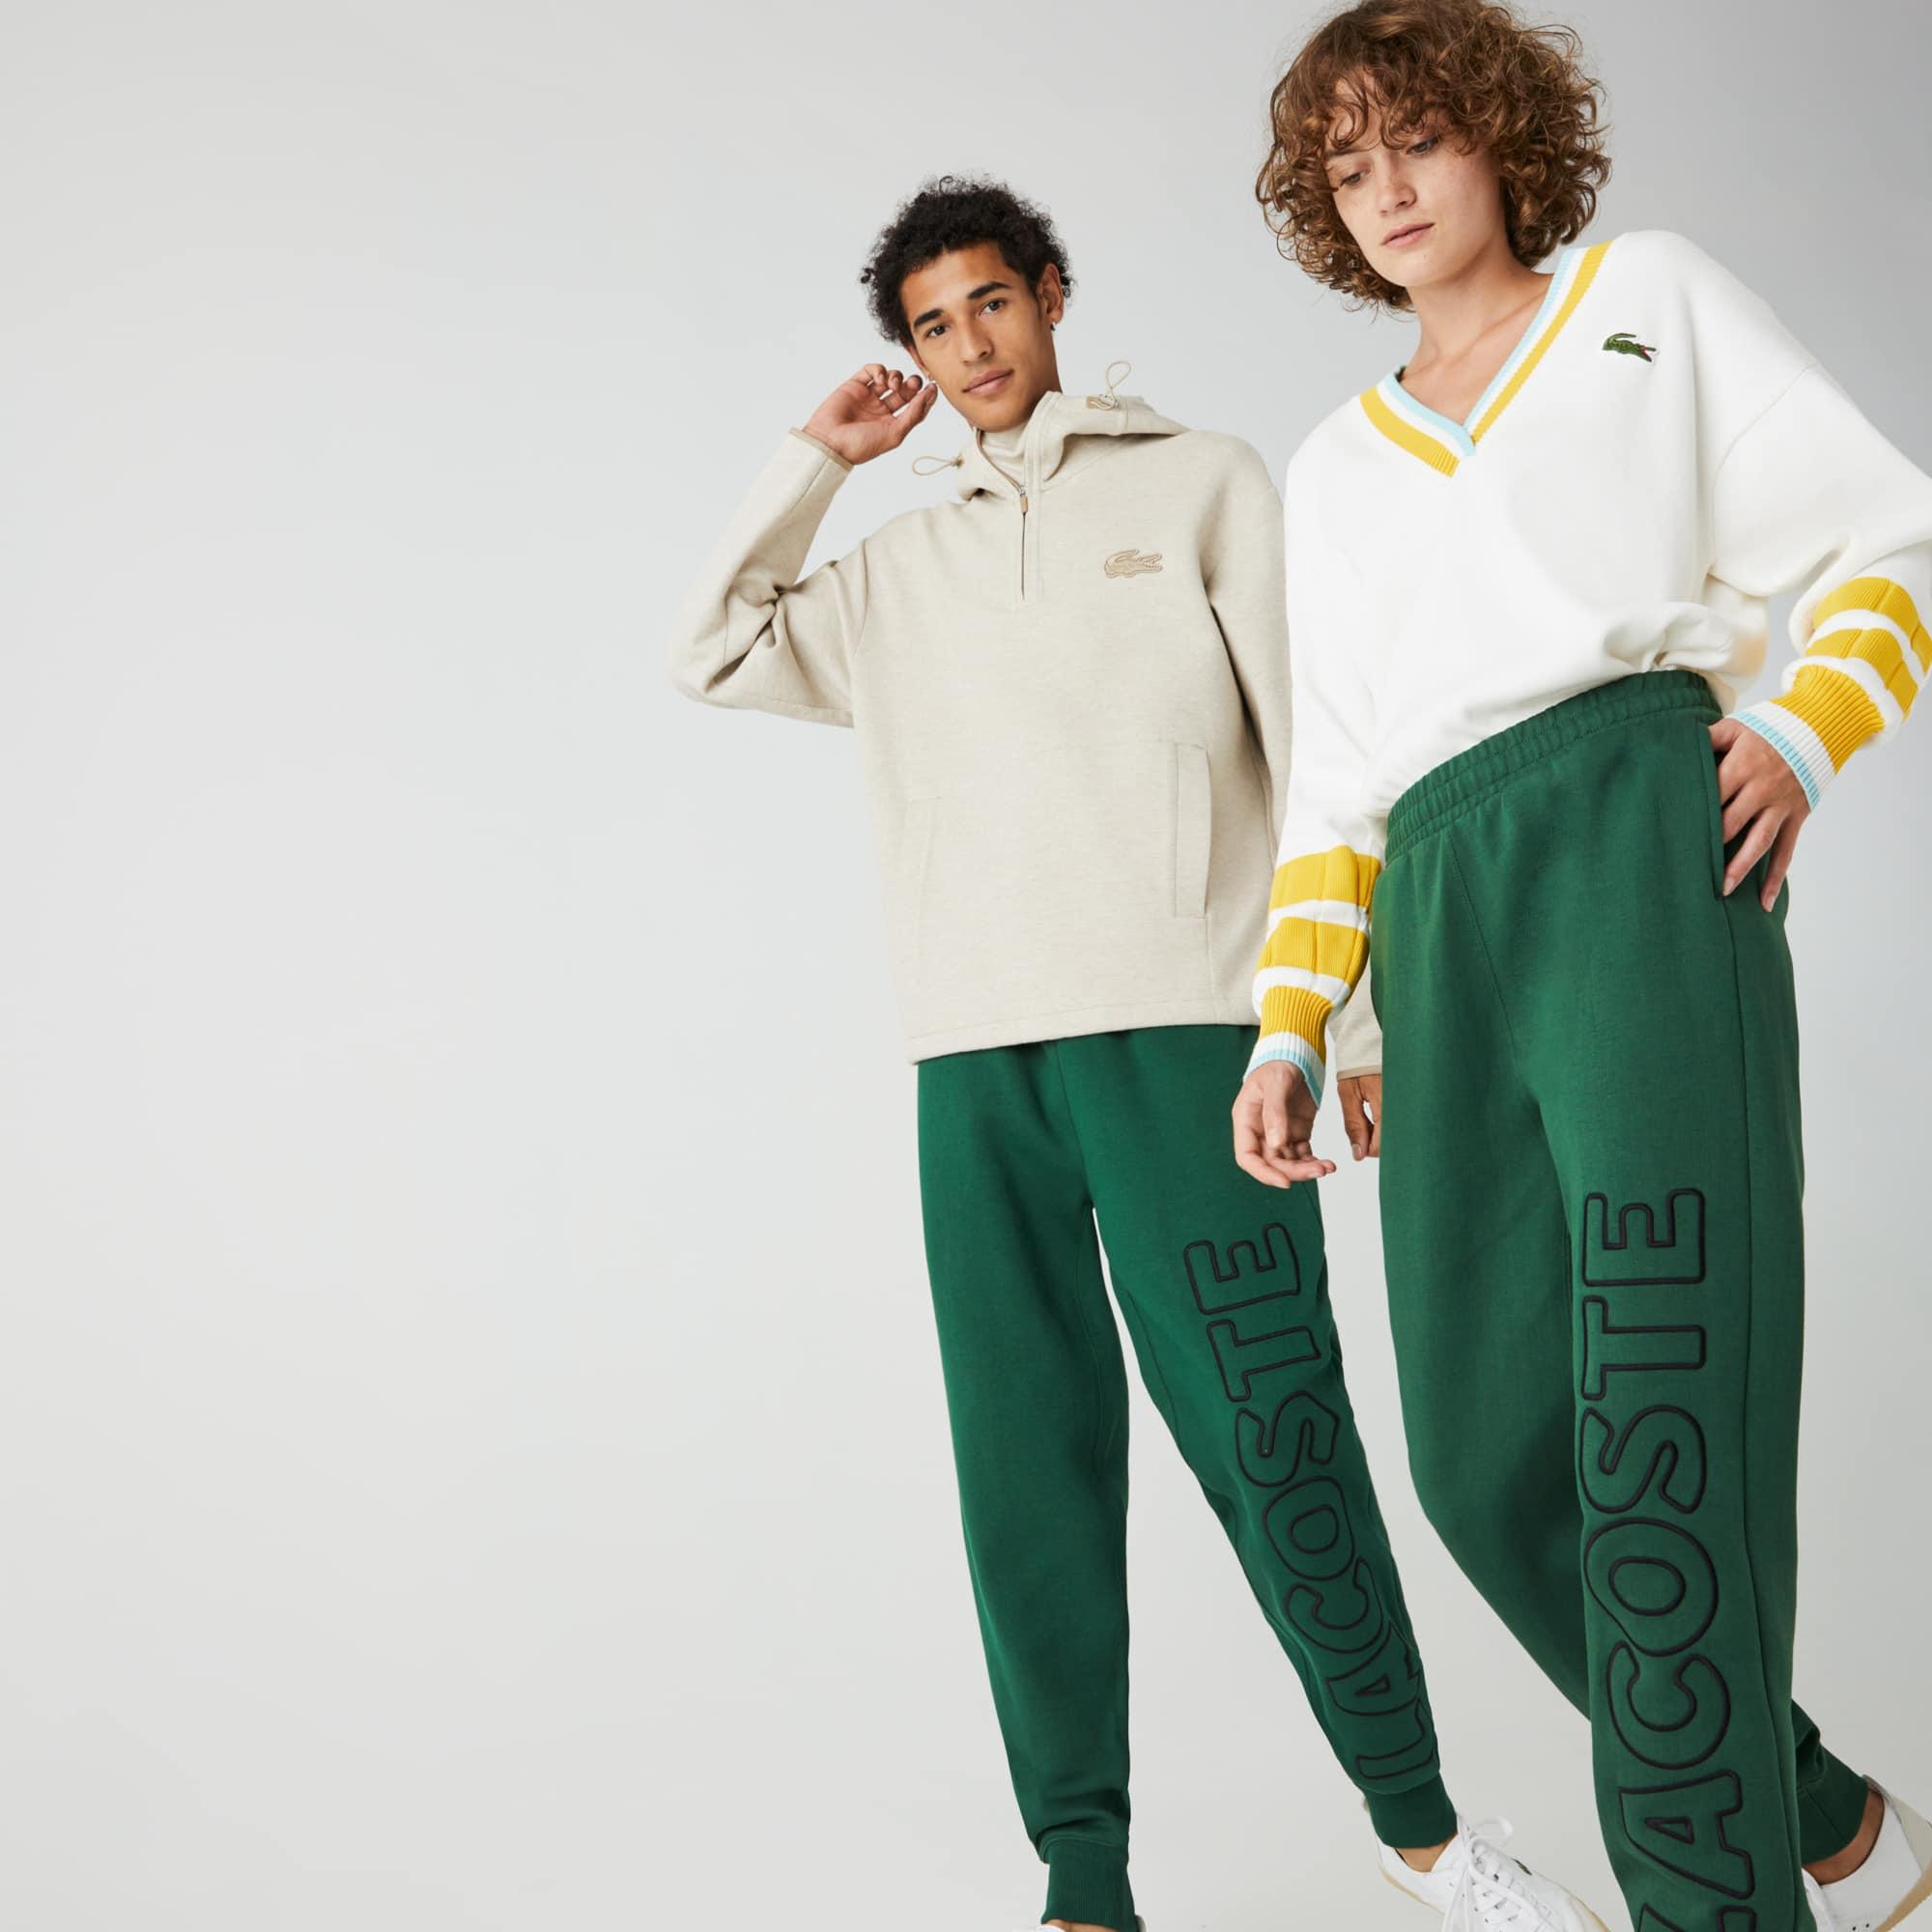 라코스테 남녀공용 라이브 라코스테 Lacoste Unisex LIVE Embroidered Cotton Blend Tracksuit Pants